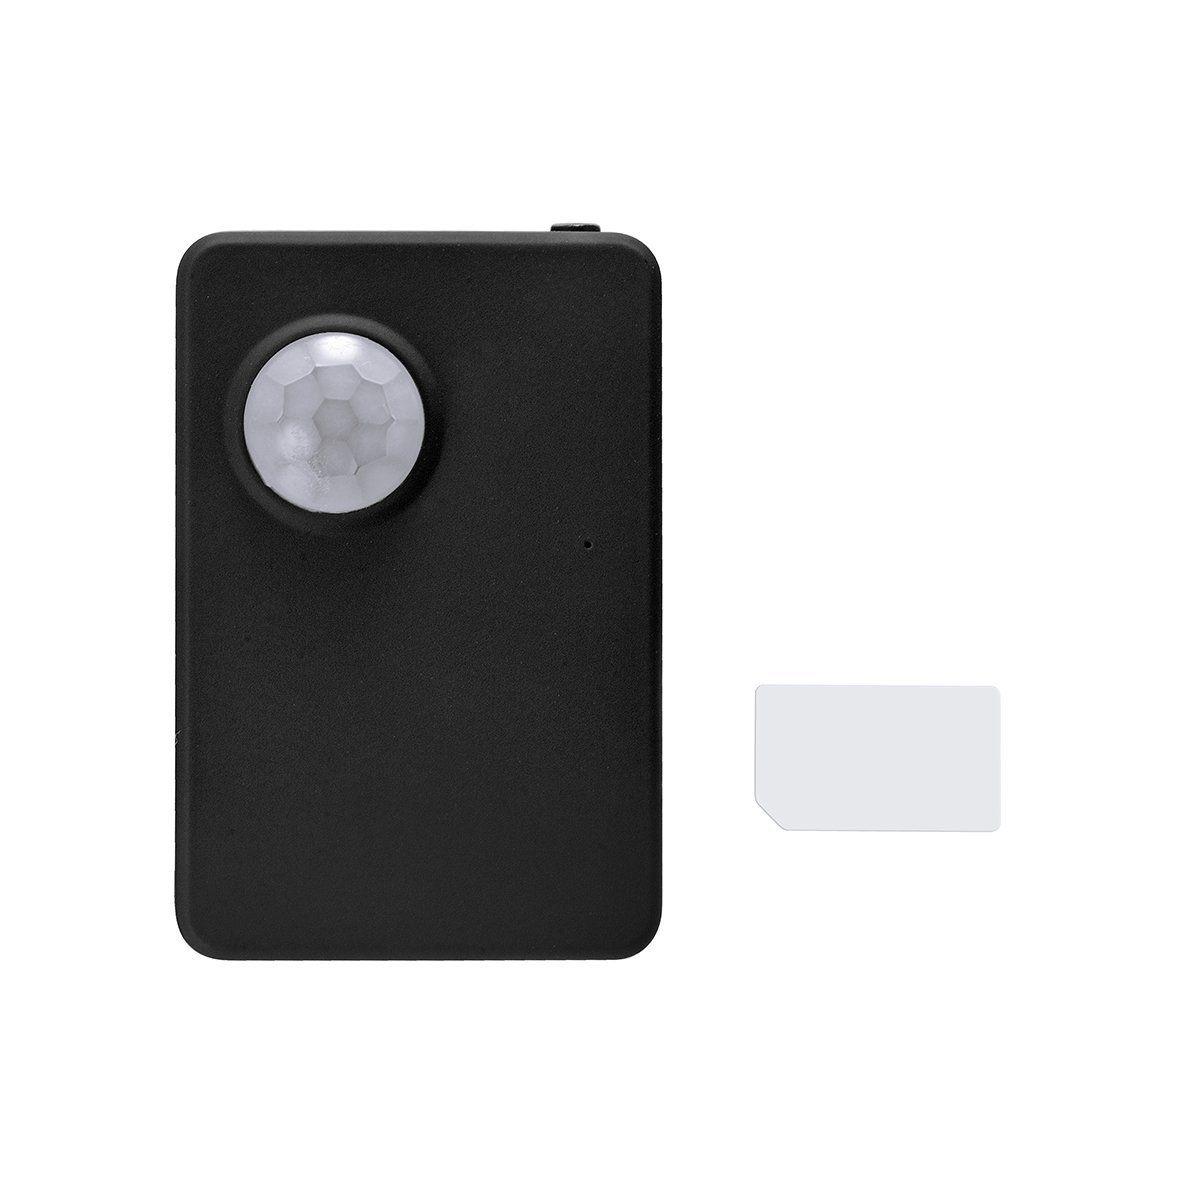 Détecteur de mouvement infrarouge d'alarme de sonde de mini PIR sans fil, système d'alarme de GSM anti-vol / Locater de voiture, traqueur de GPS, Dail automatique et enregistrement de voix